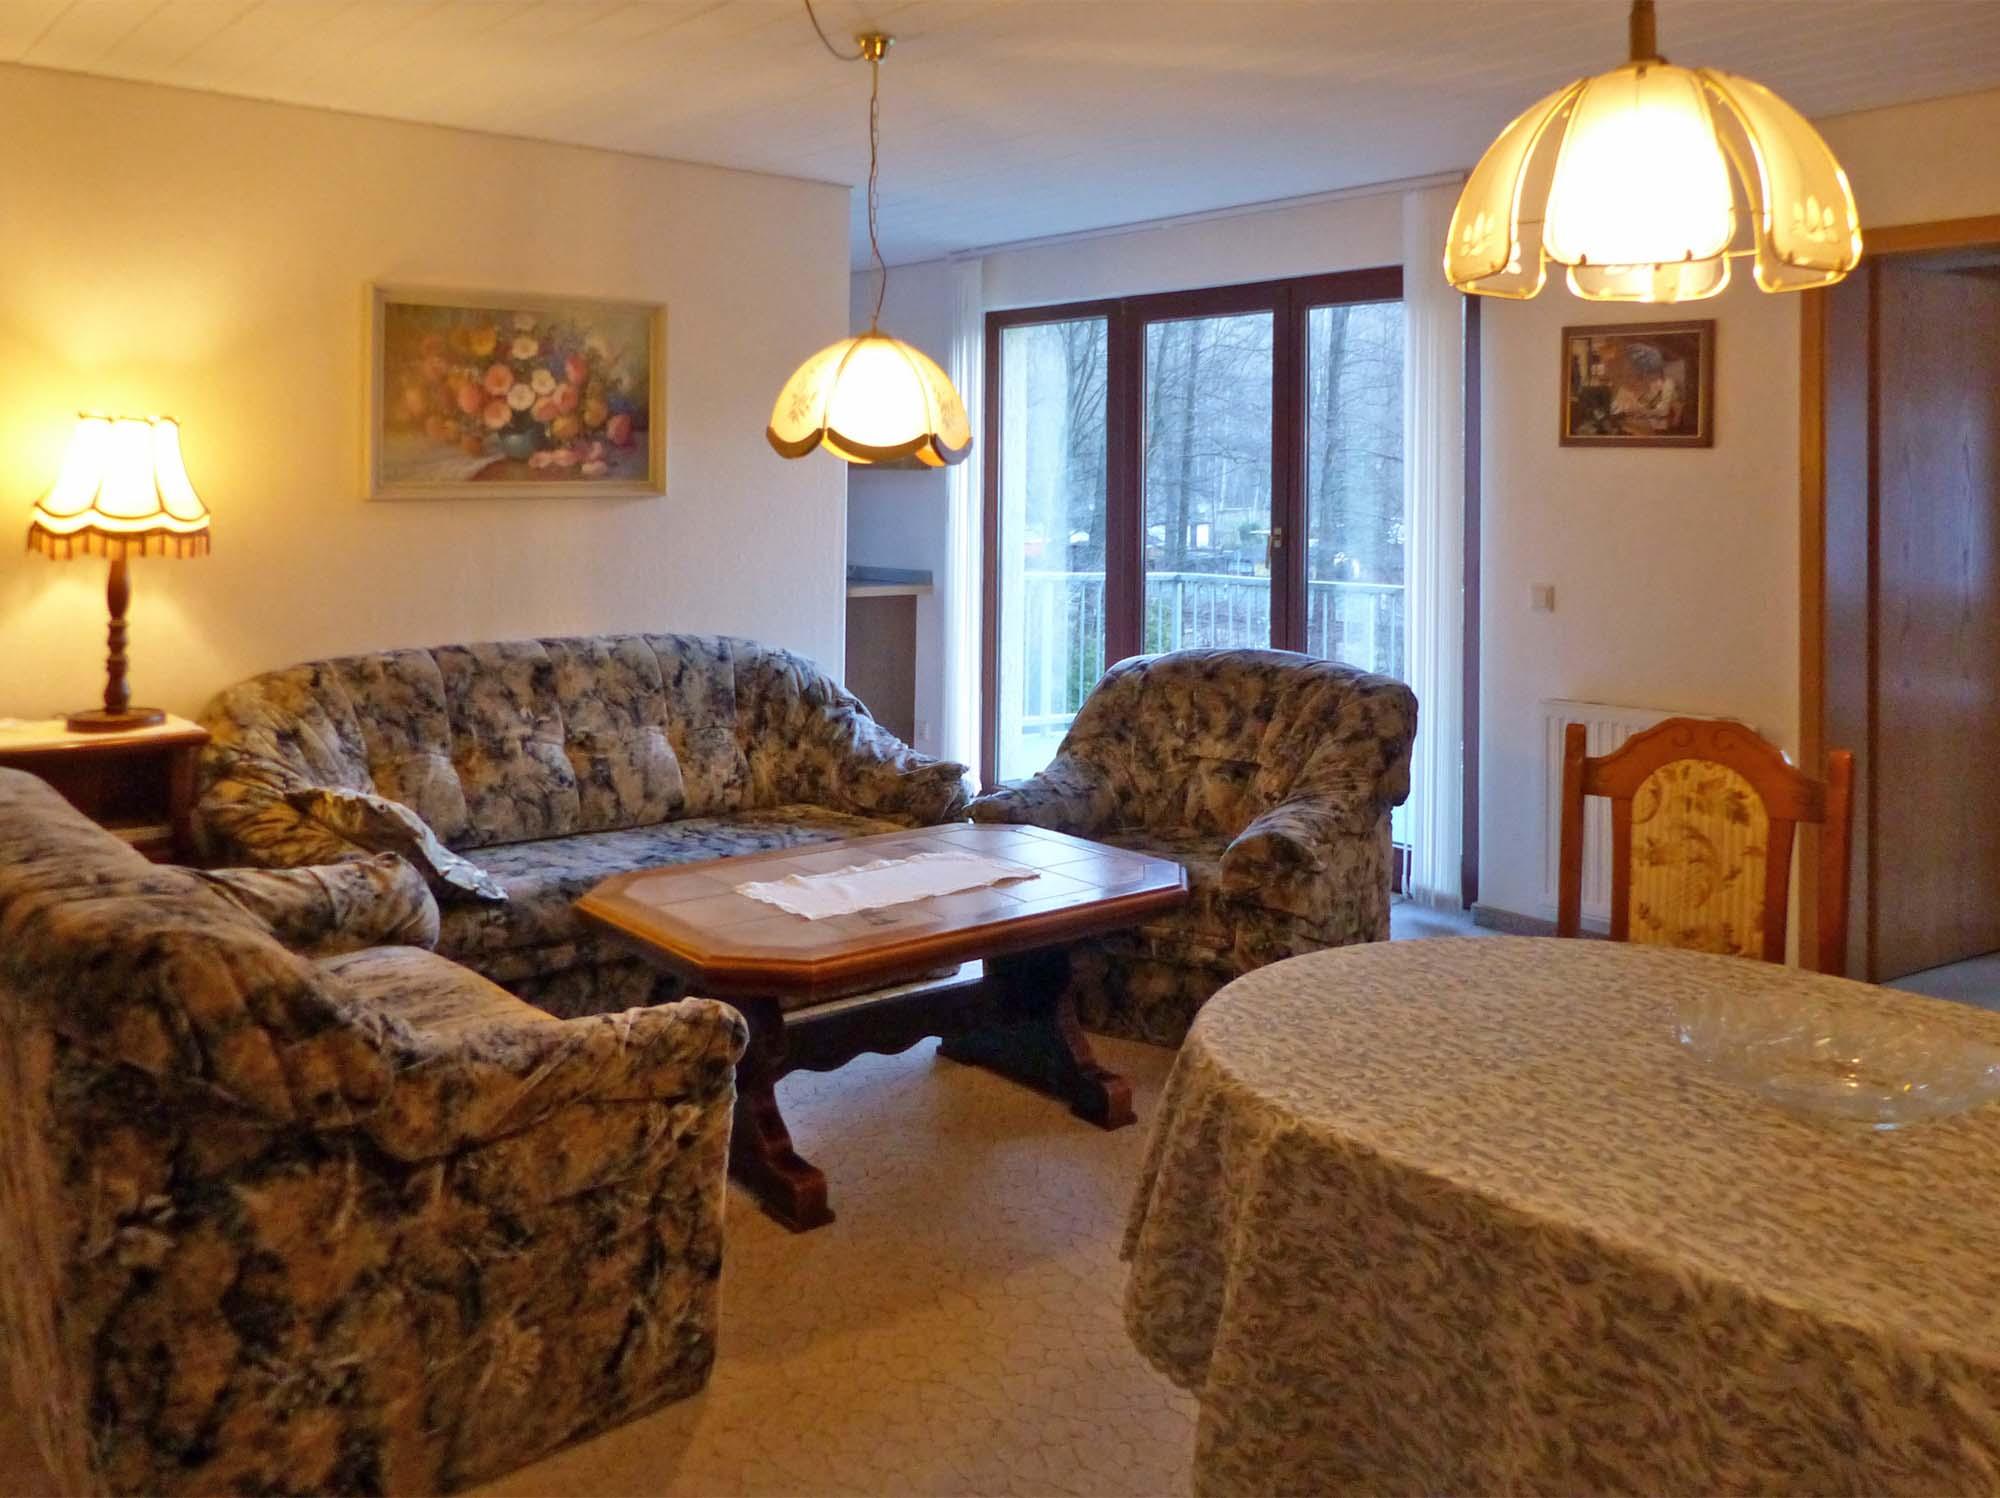 ferienwohnung 4 f r 4 personen haus anneliese in osterzgebirge. Black Bedroom Furniture Sets. Home Design Ideas